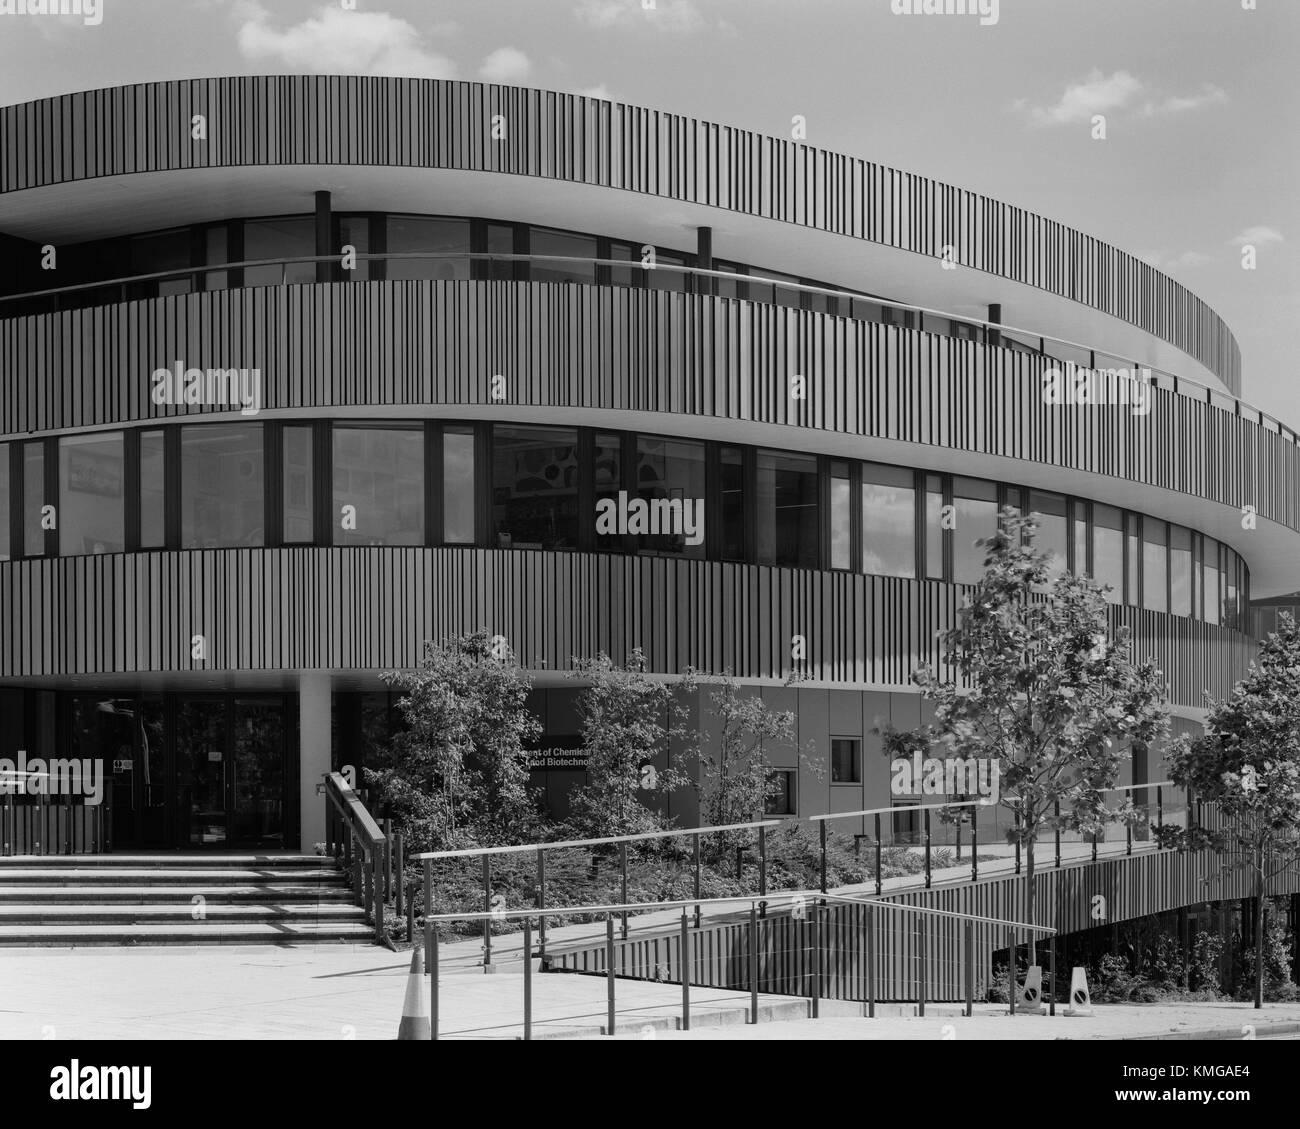 La Universidad de Cambridge Departamento de Ingeniería Química y Biotecnología en el oeste de Cambridge Imagen De Stock